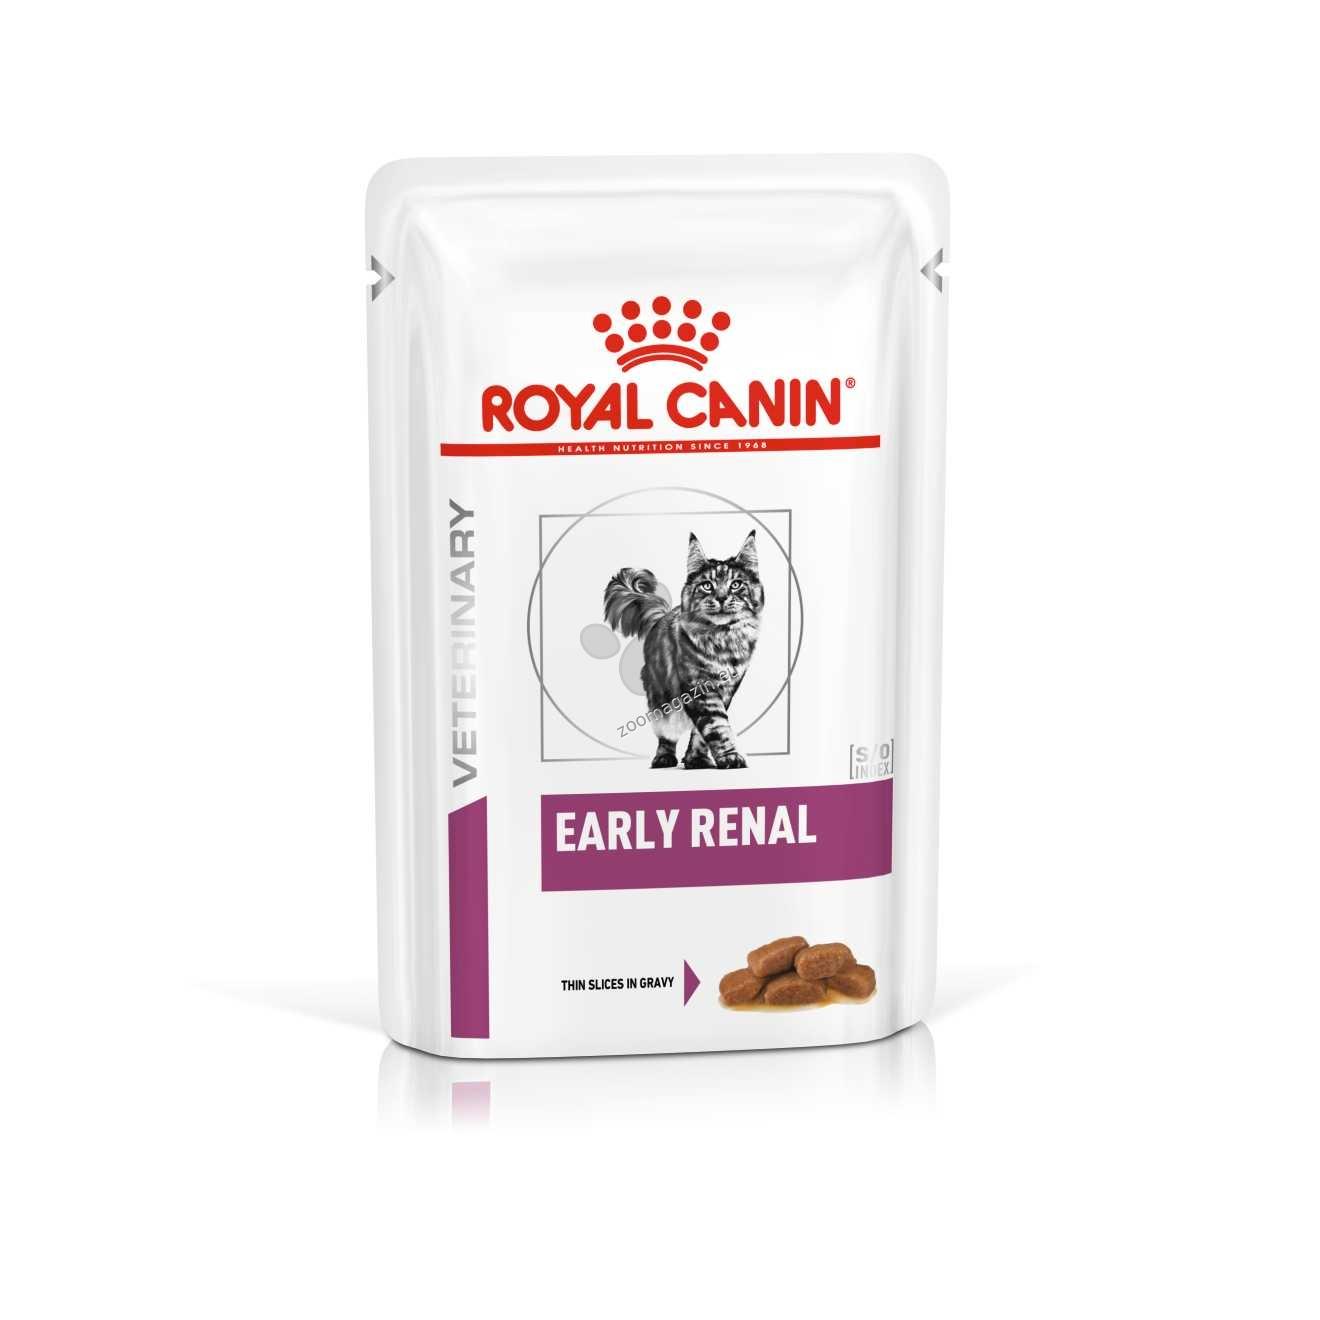 Royal Canin Early Renal Cat - за котки със стадий 1 на хронична бъбречна недостатъчност 85 гр.